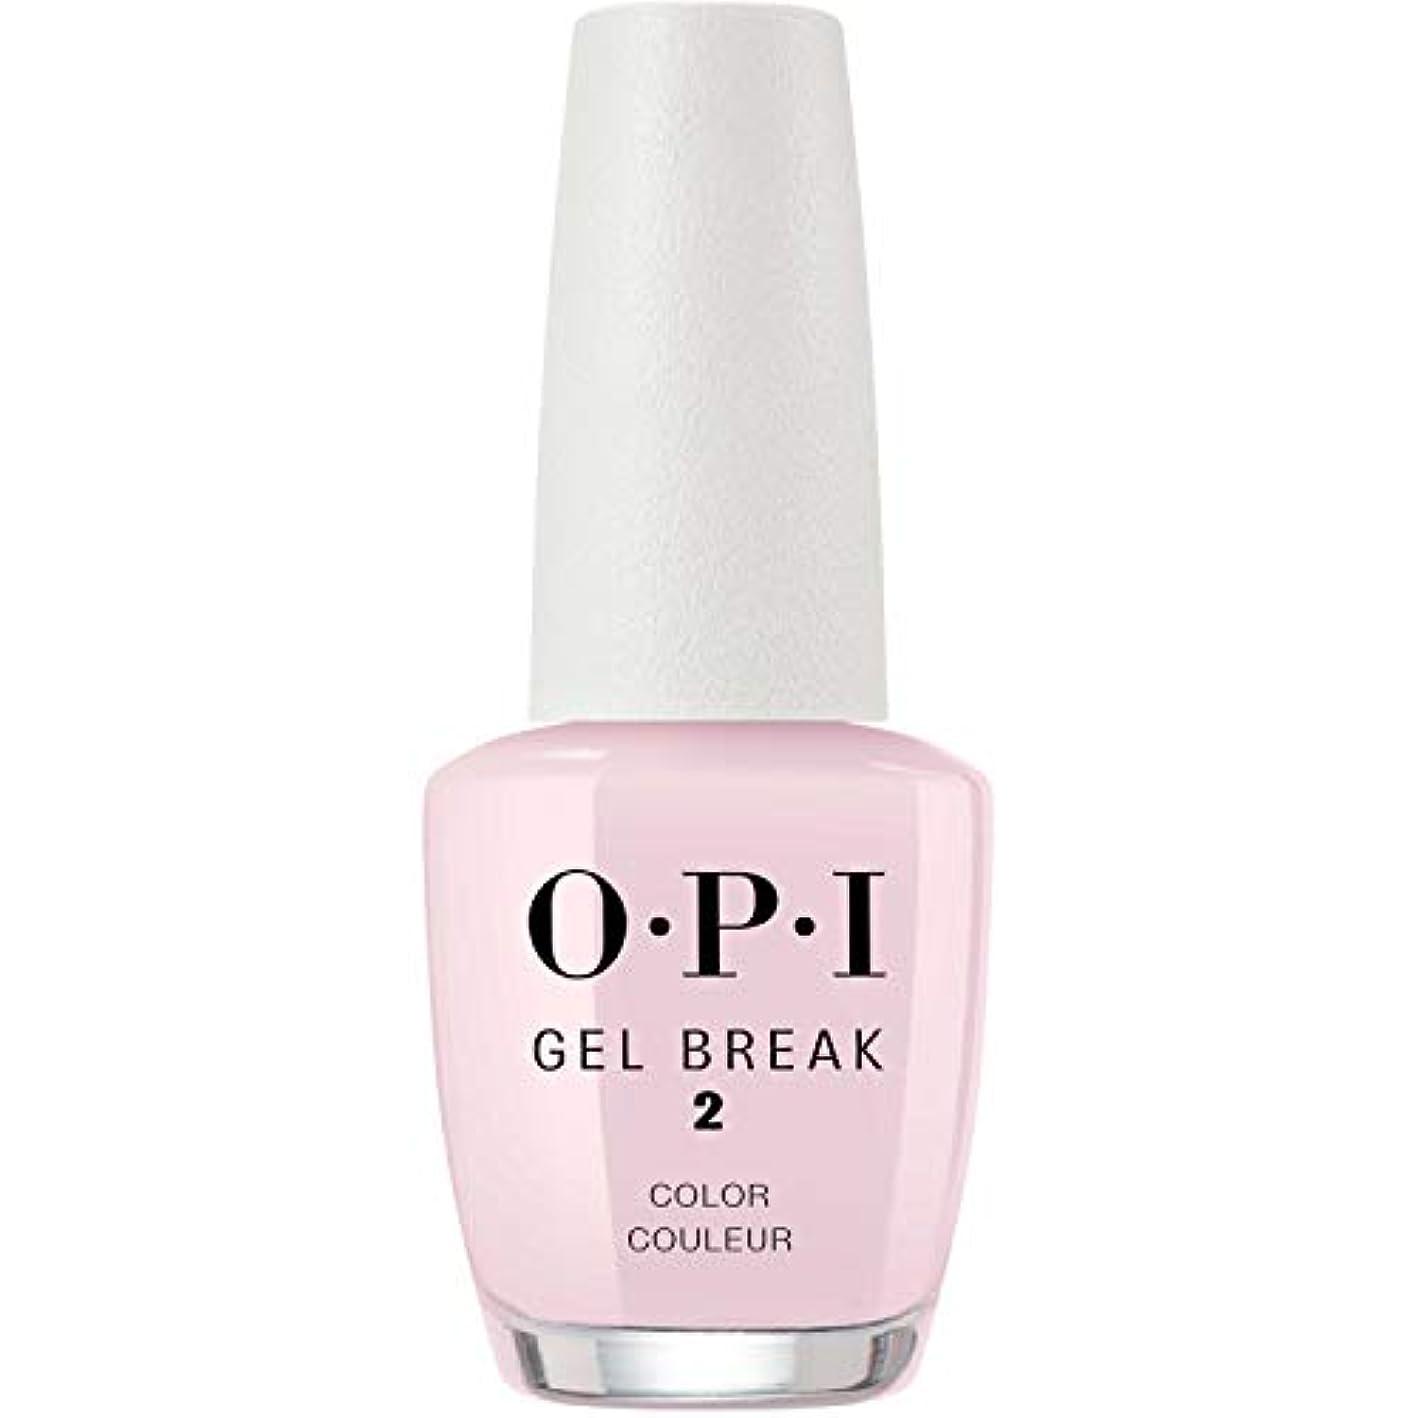 請求書ポンド不規則なOPI(オーピーアイ) ジェルブレイク NTR03 プロパリー ピンク